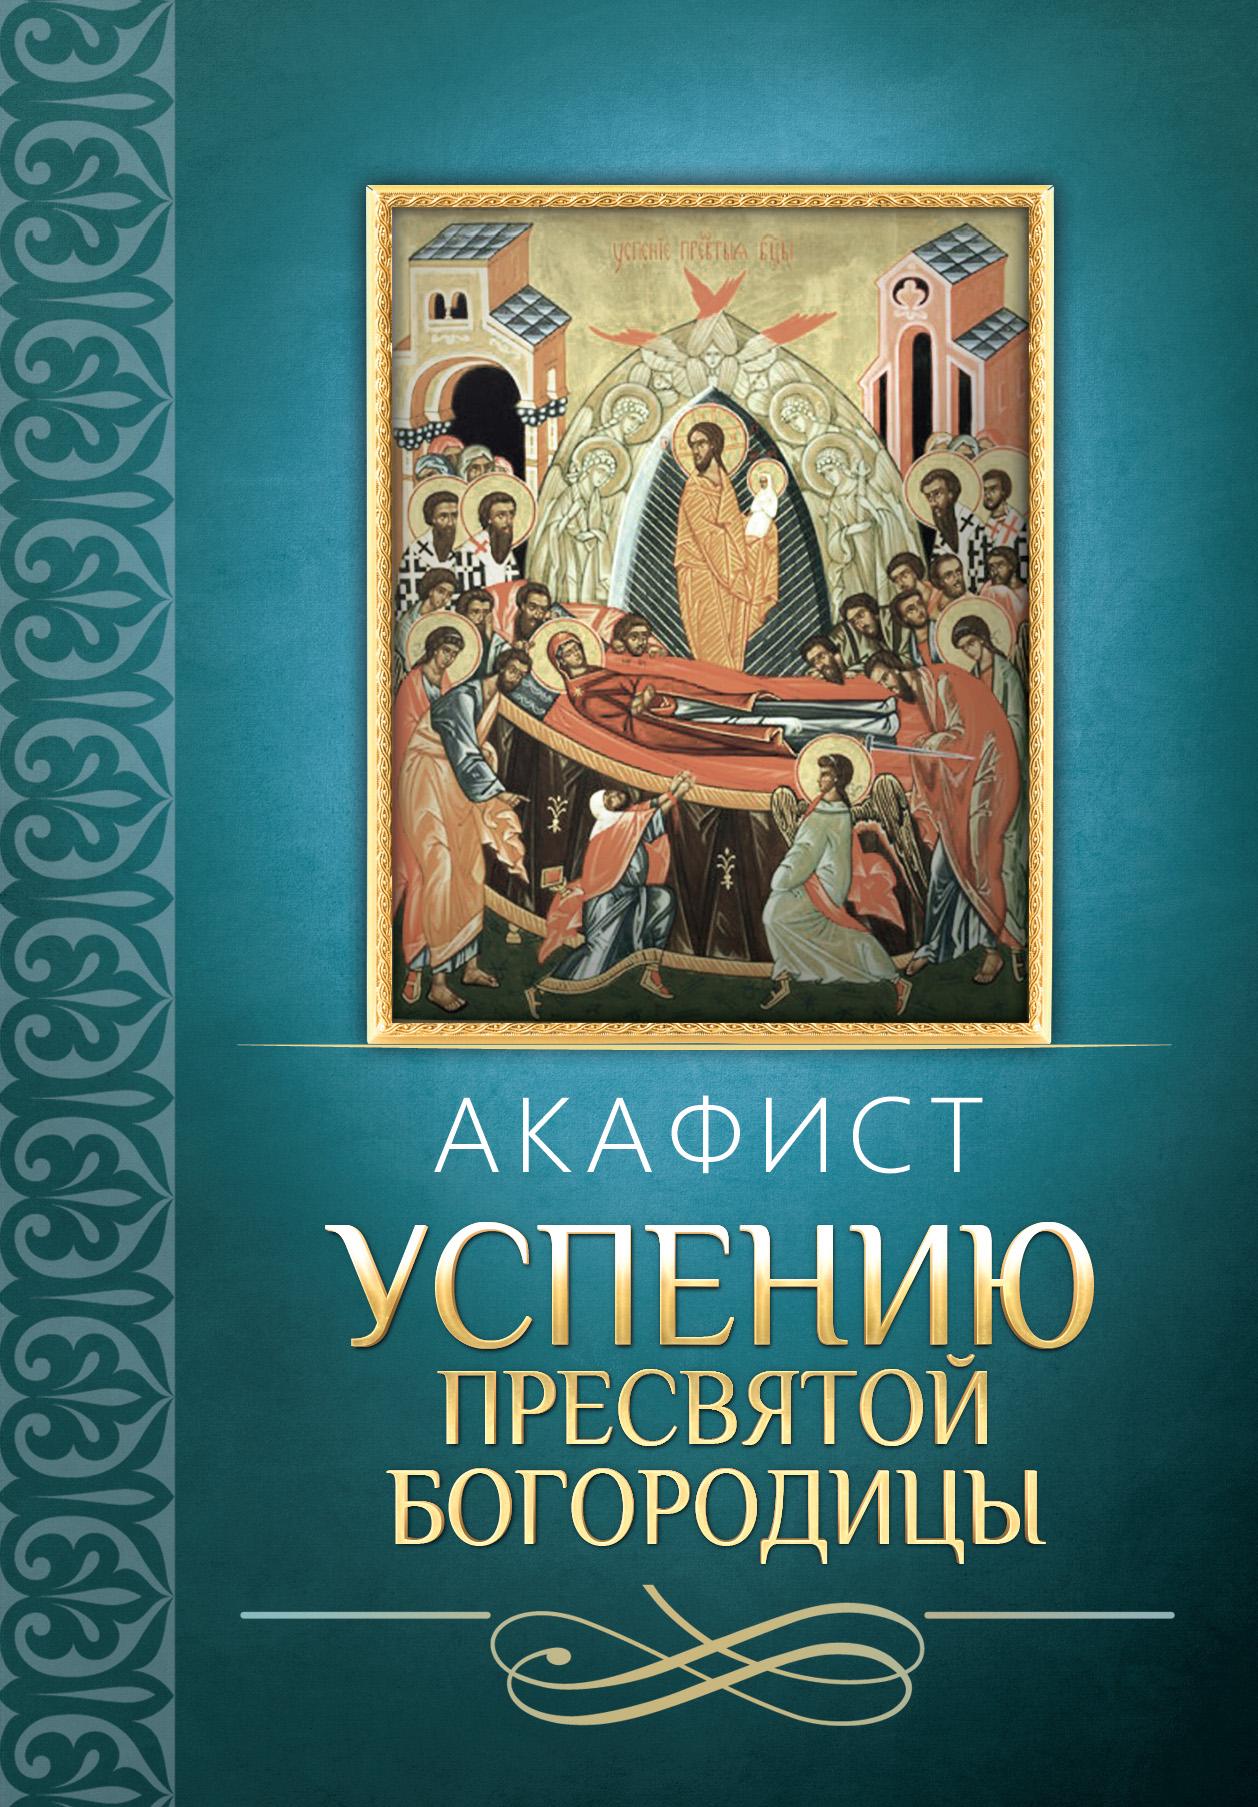 Сборник Акафист Успению Пресвятой Богородицы сборник акафист успению пресвятой богородицы